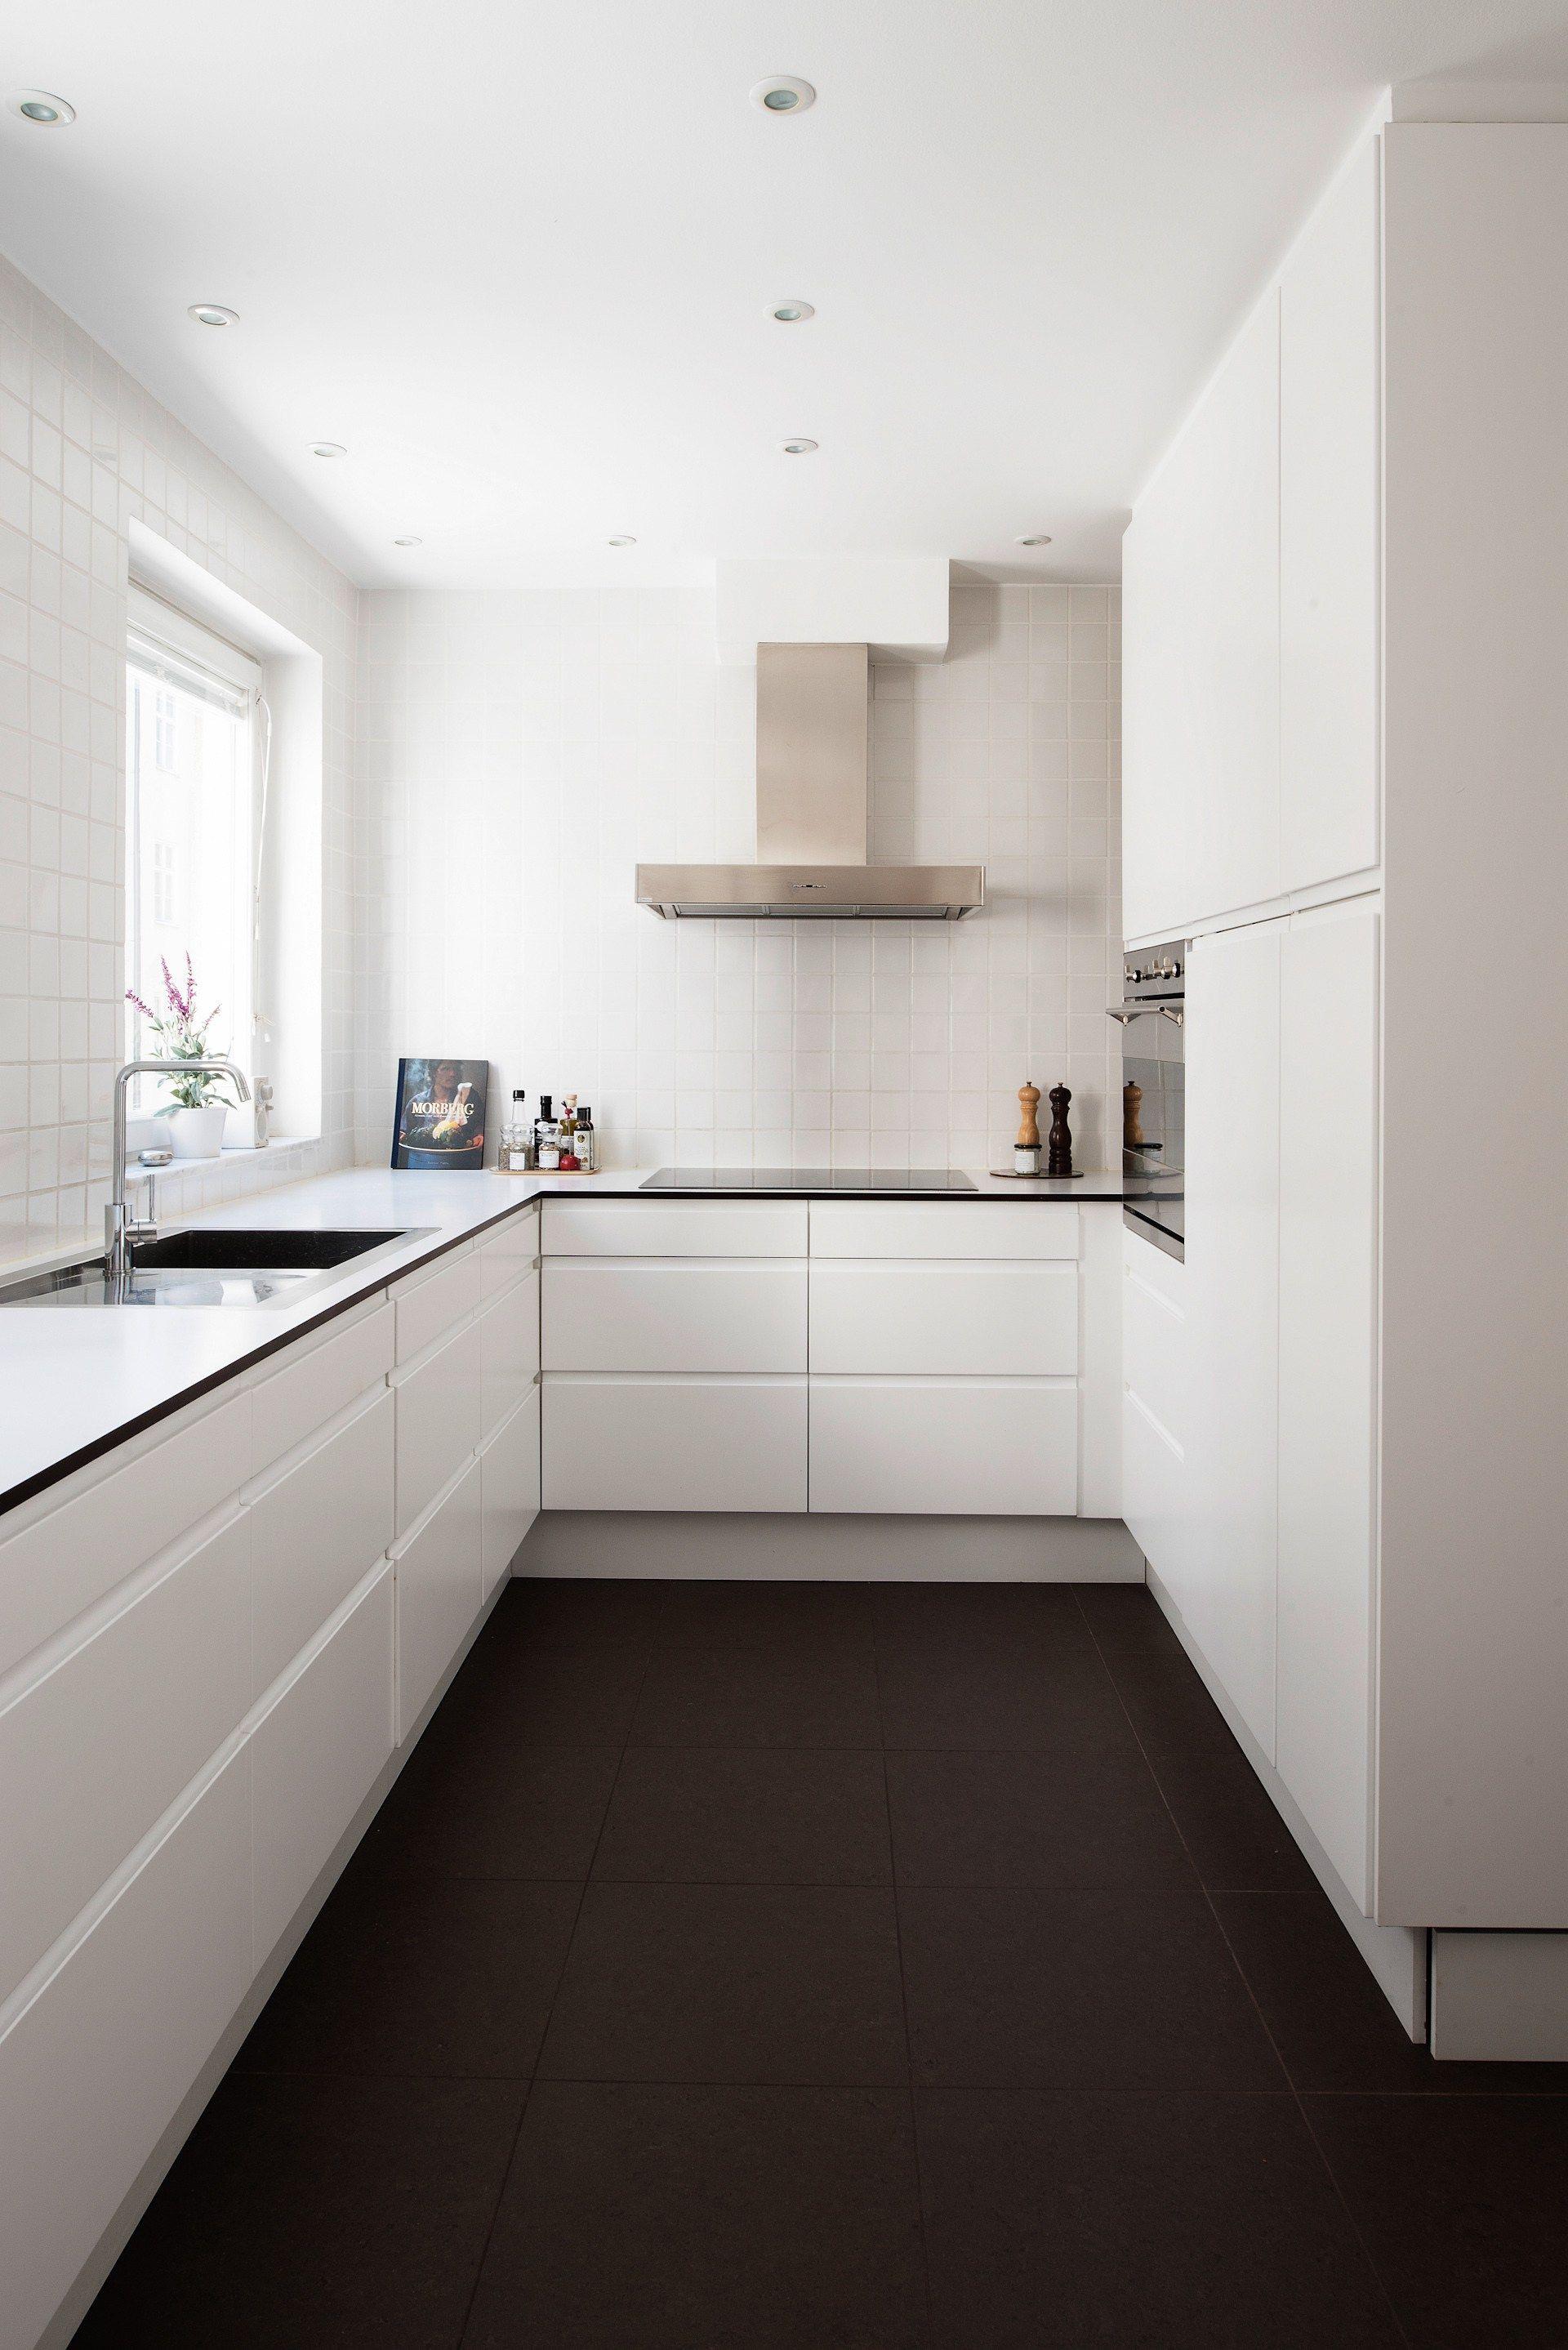 Kleine Küche Einrichten Minimalistische Küchenideen | Küche Möbel   Küchen    Kücheninsel | Pinterest | Kleine Küche Einrichten, Küche Einrichten Und  Küche